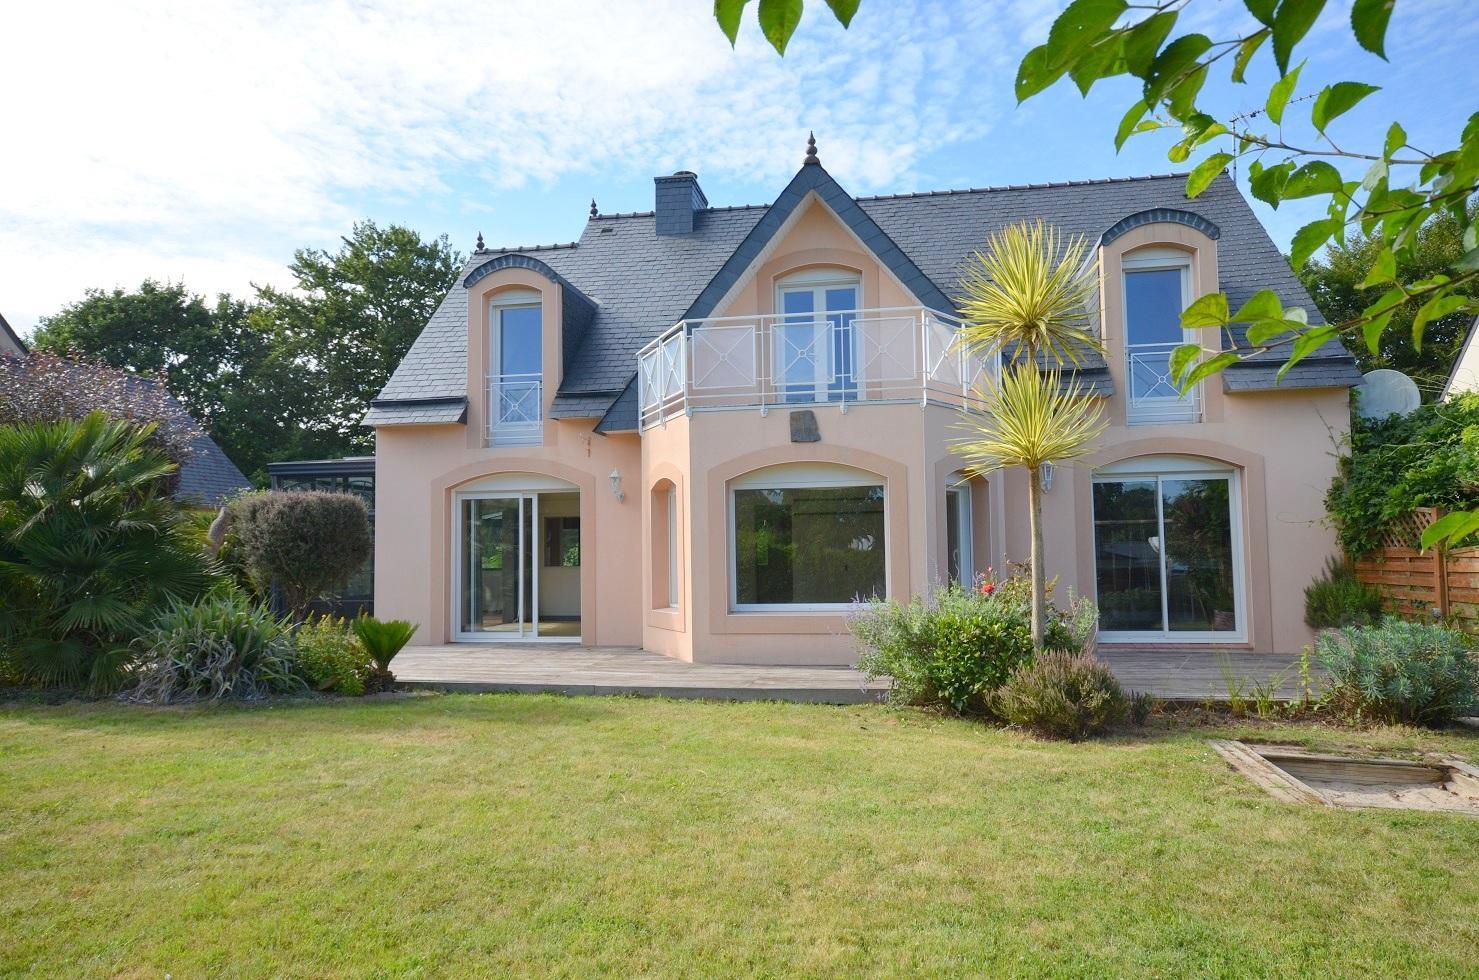 GUIPAVAS: belle maison contemporaine de 200m² avec veranda, terrasse et parc arboré de 1000m²